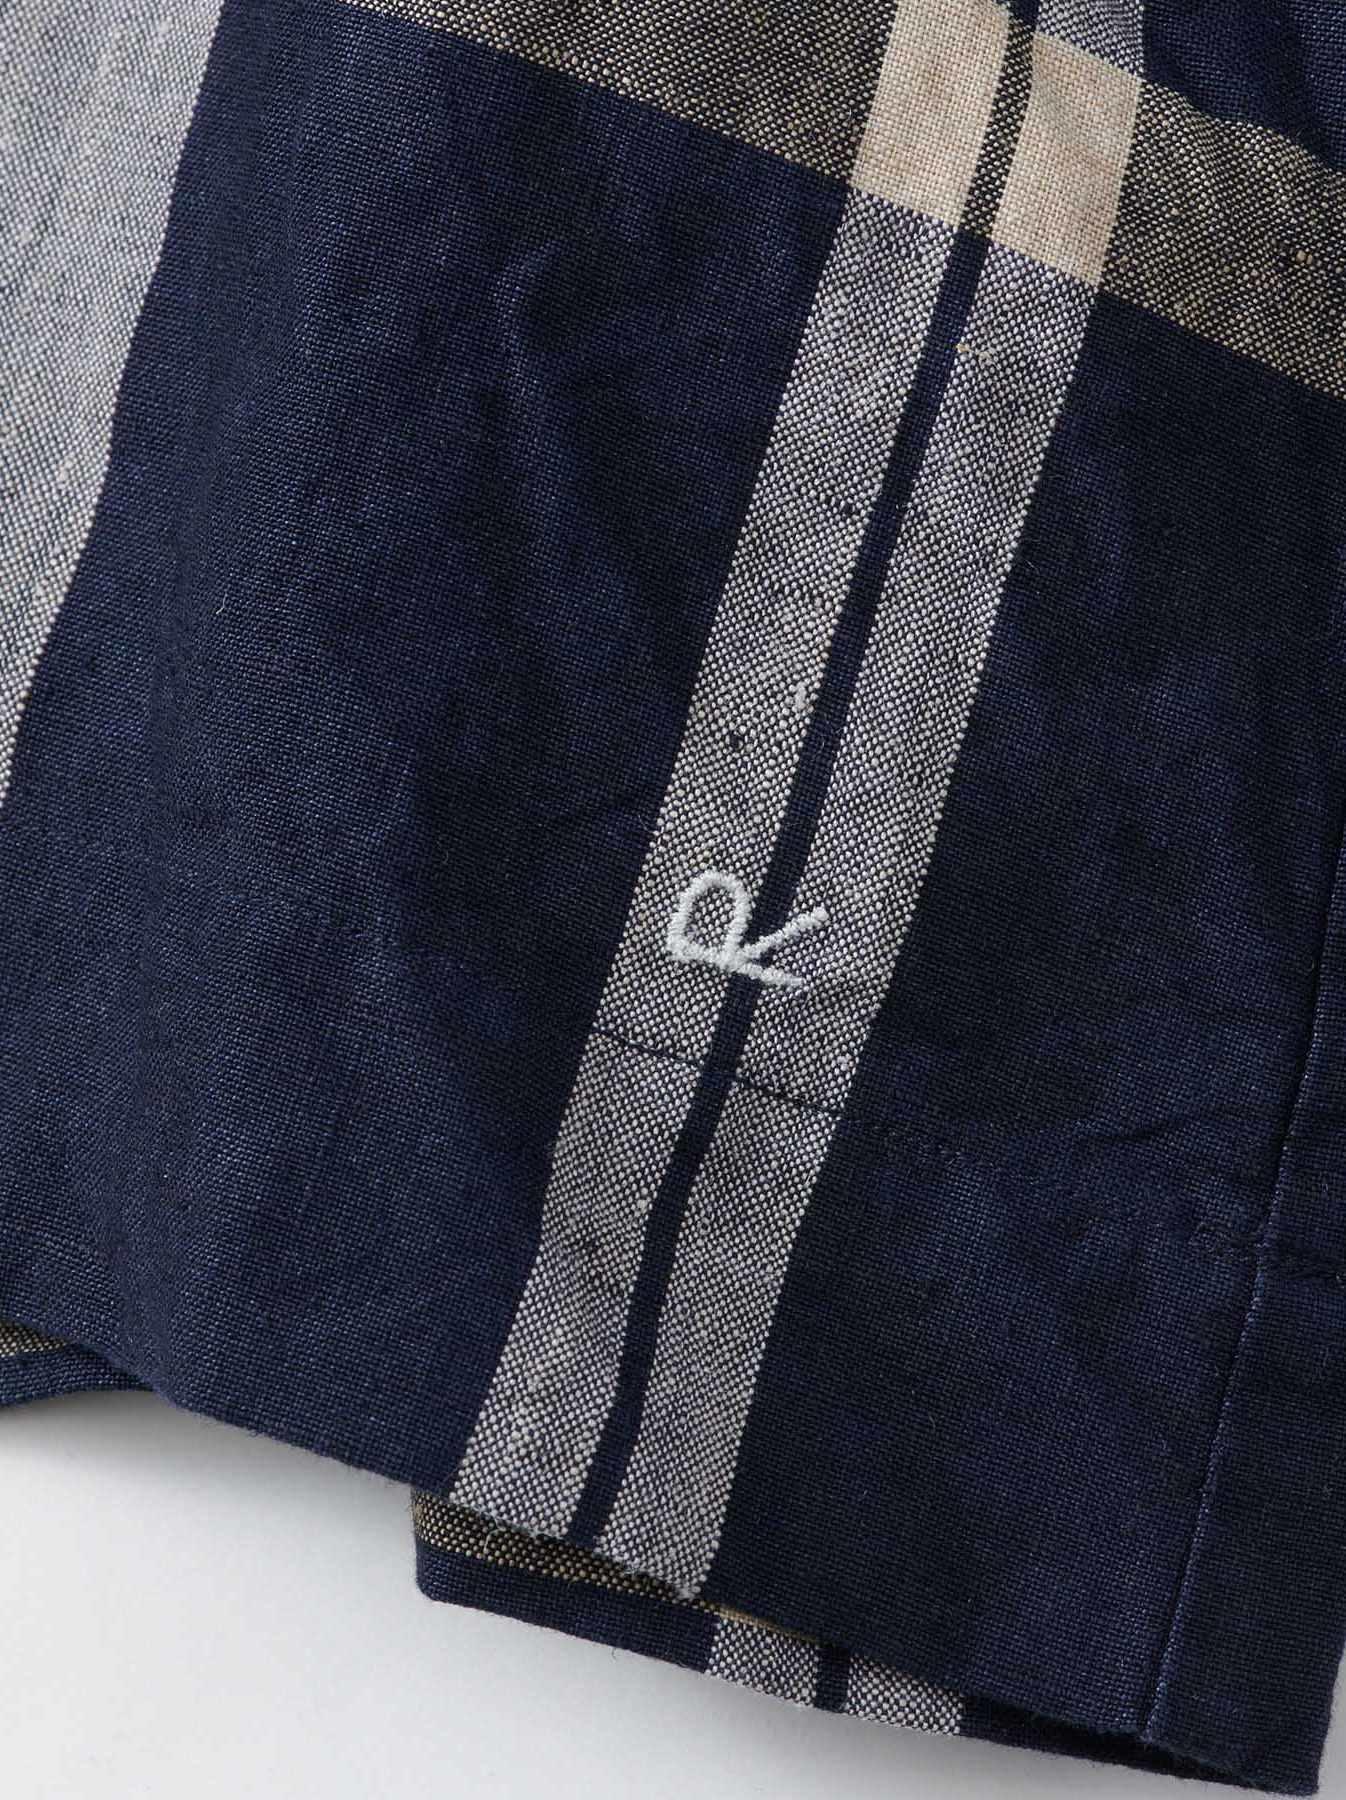 WH Linen 4545 Check Blouse-10